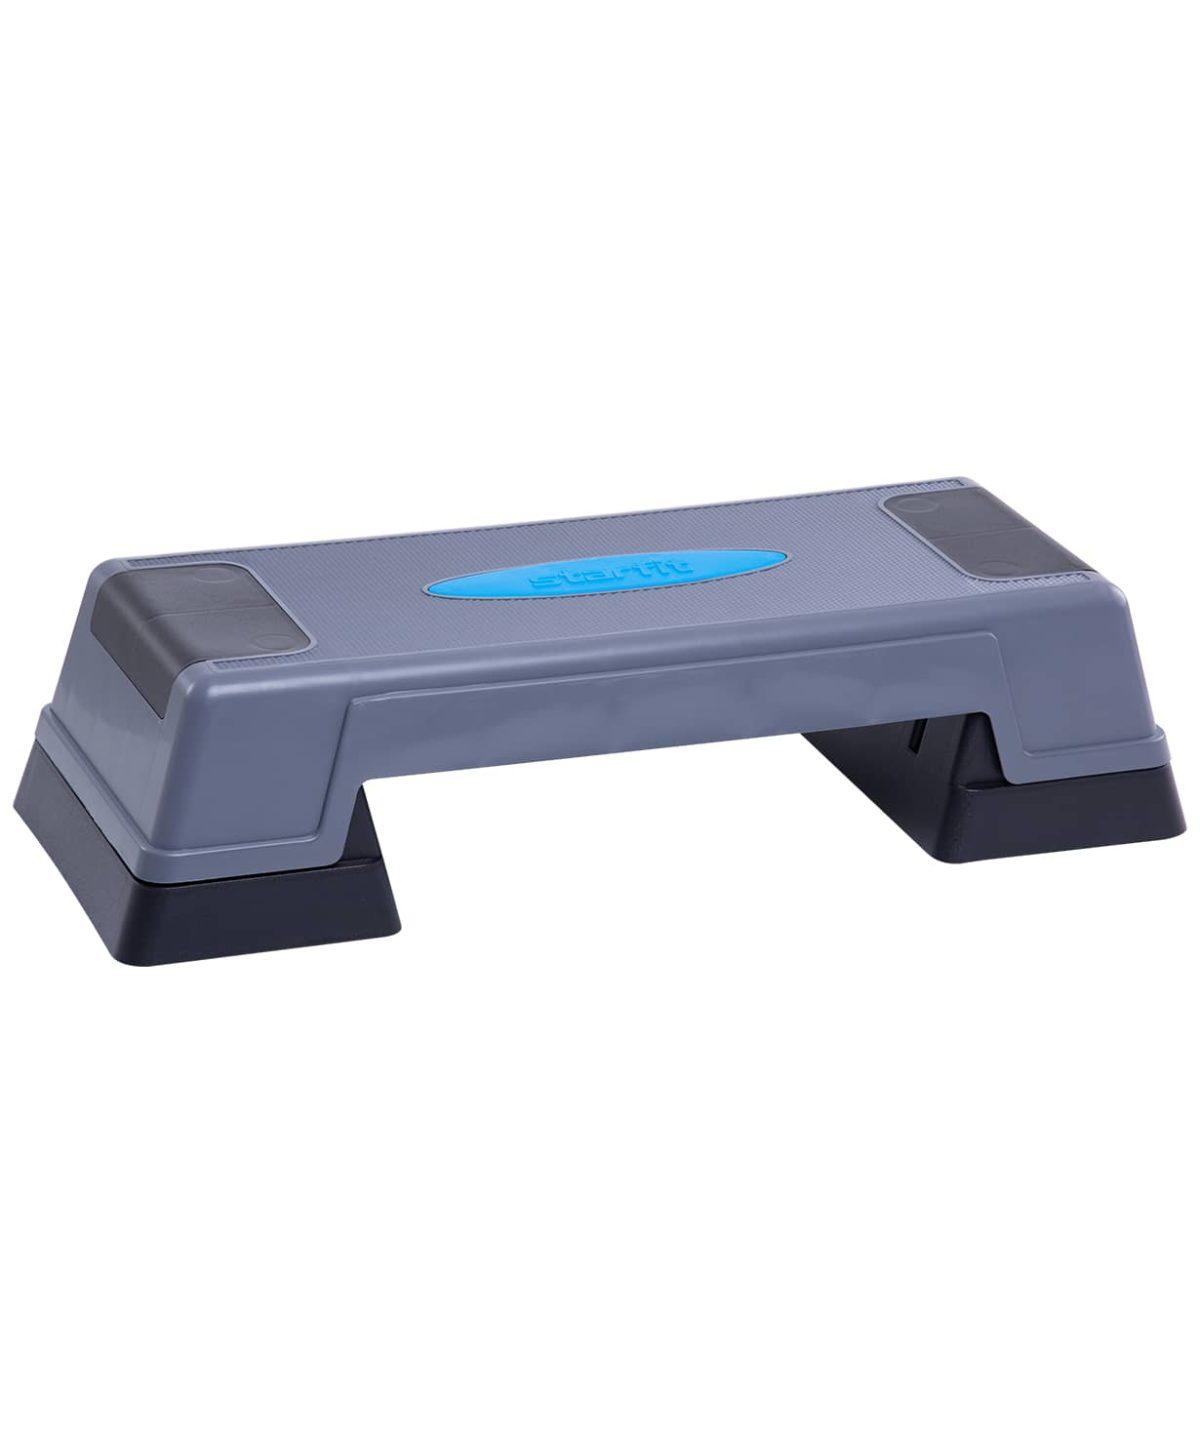 STARFIT Степ-платформа, двухуровневая, 70х28х22см  SP-301 - 1